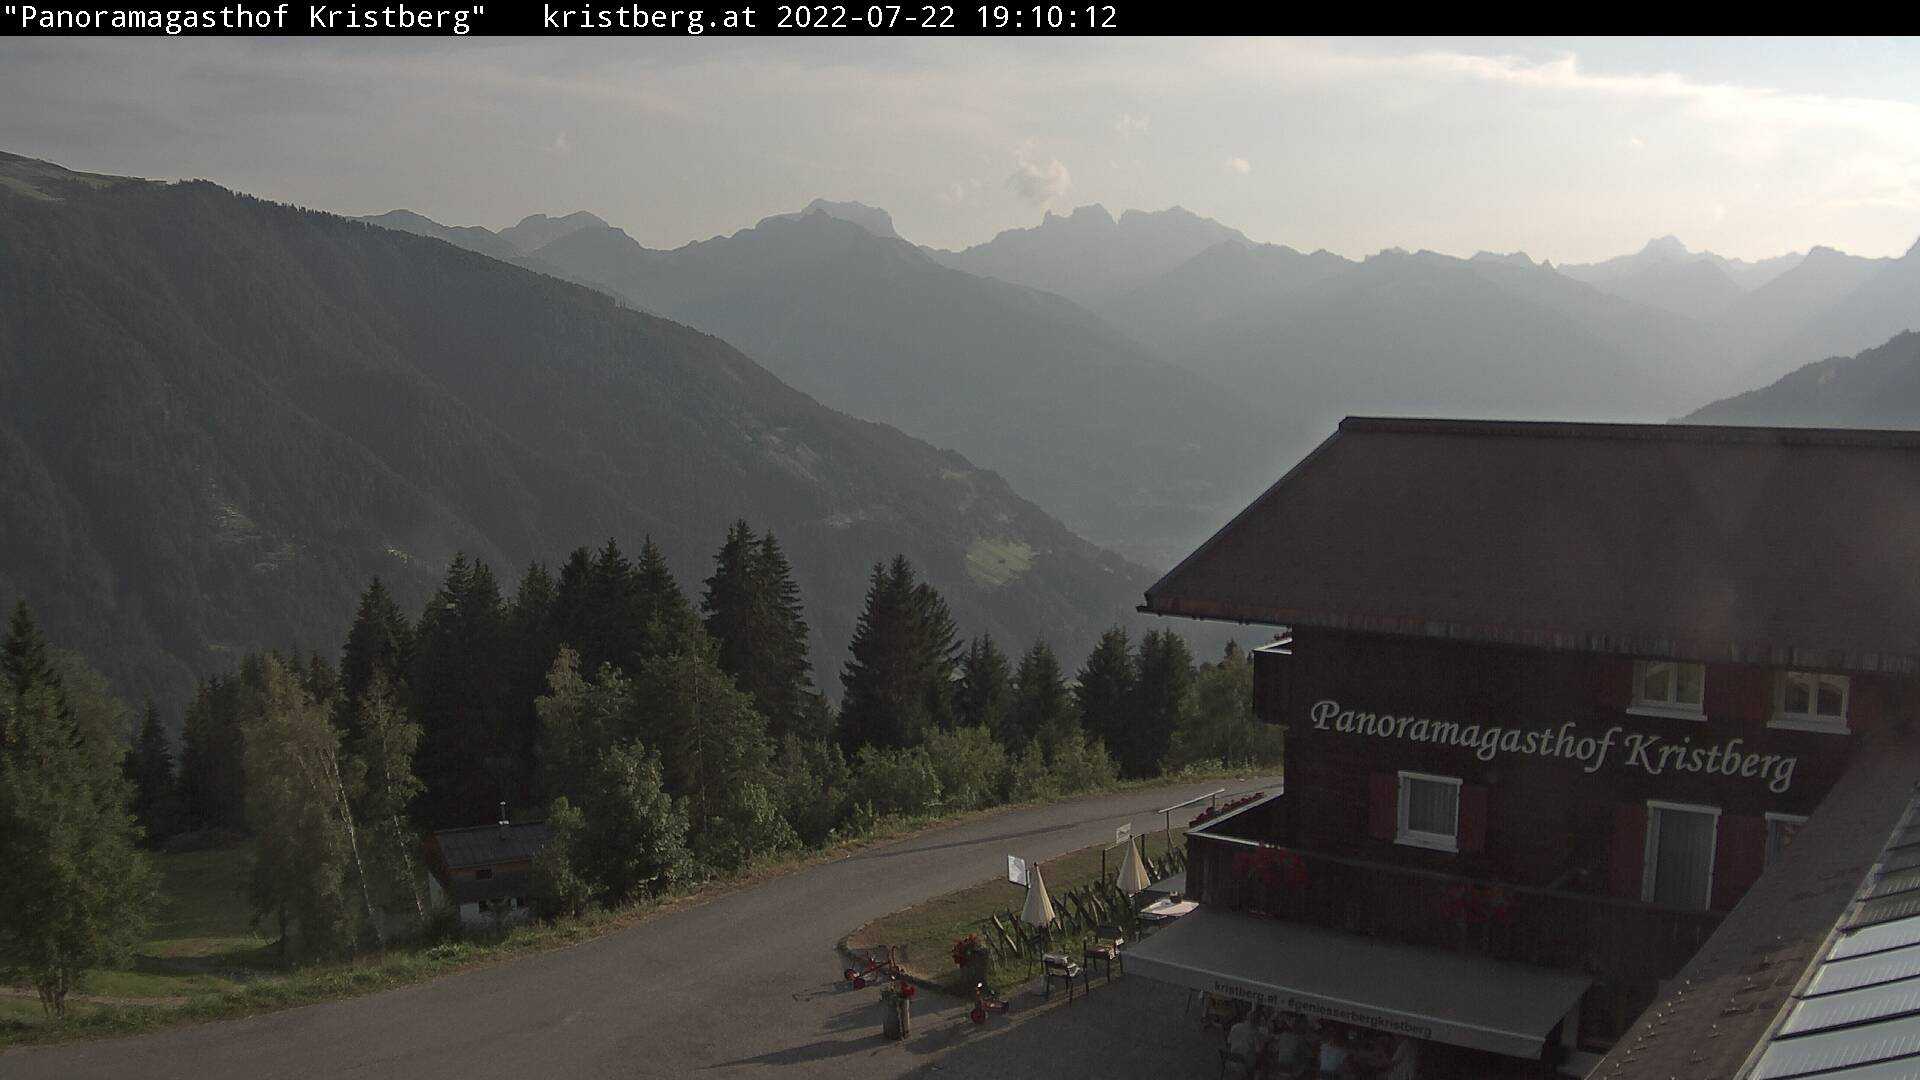 Die Webcam mit diesem Livebild zeigt den Panoramagasthof Kristberg mit Blick auf die Rätikongebirgsgruppe, Schruns-Tschagguns und Golm